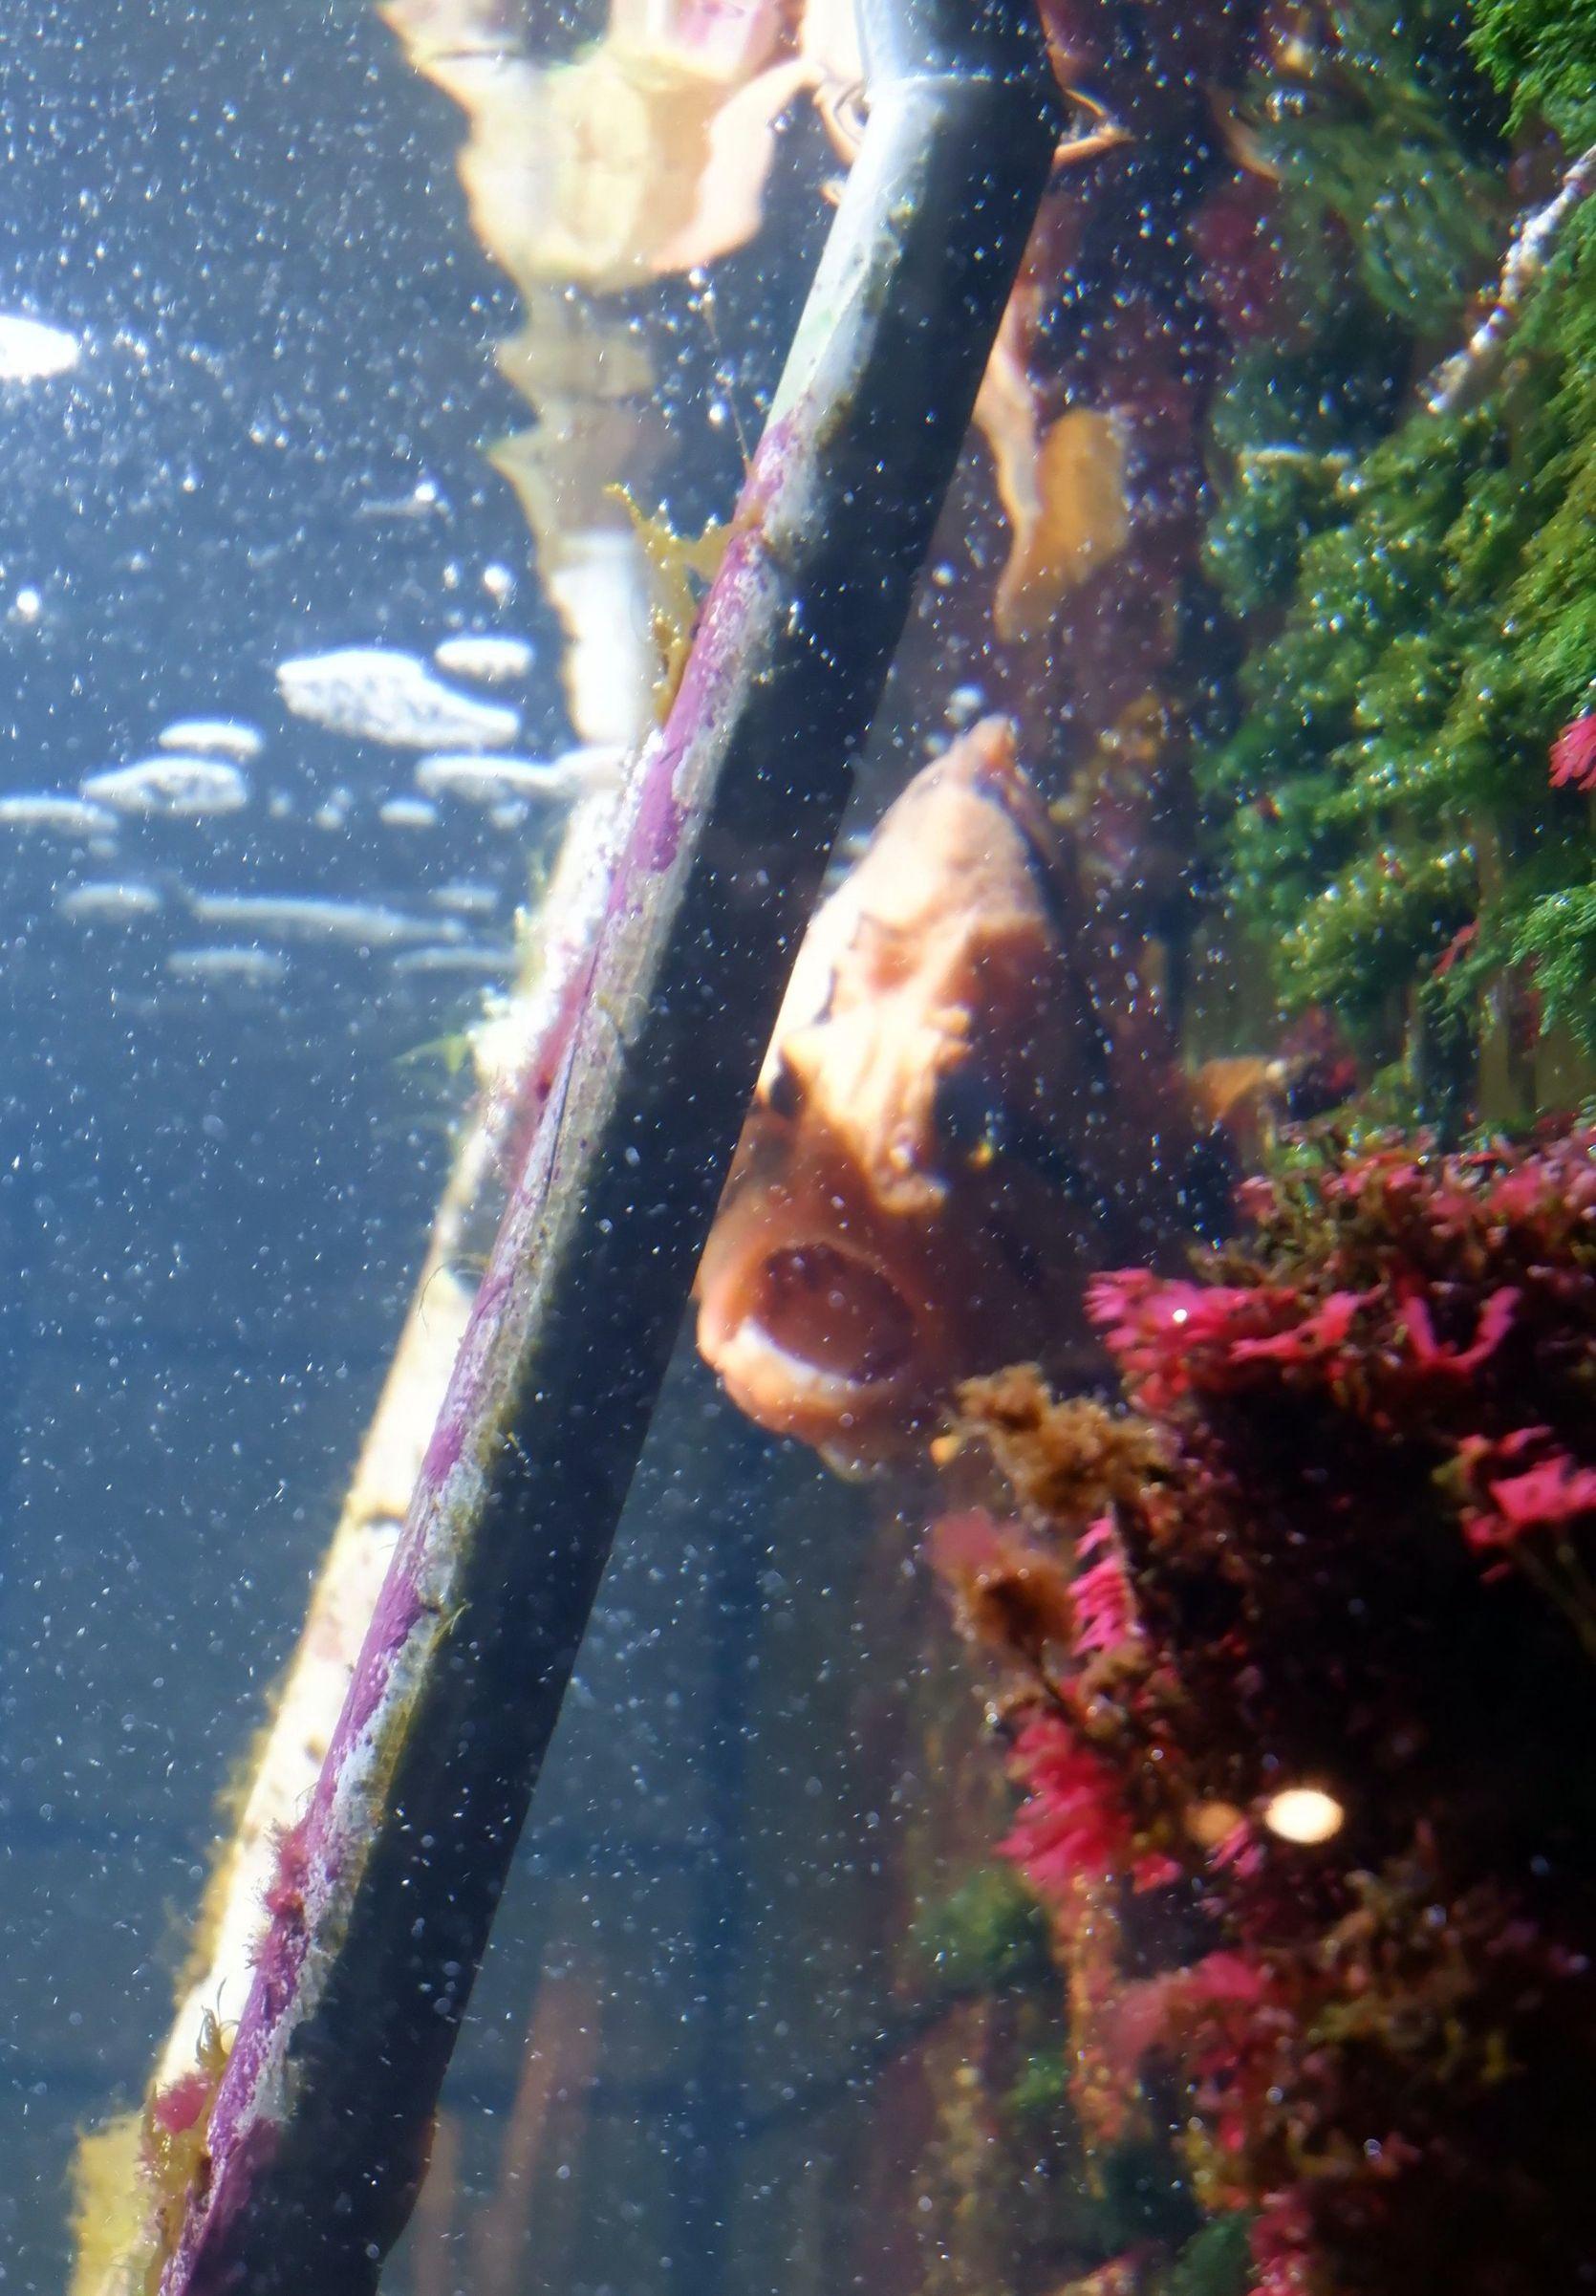 poisson à la gueule ouverte